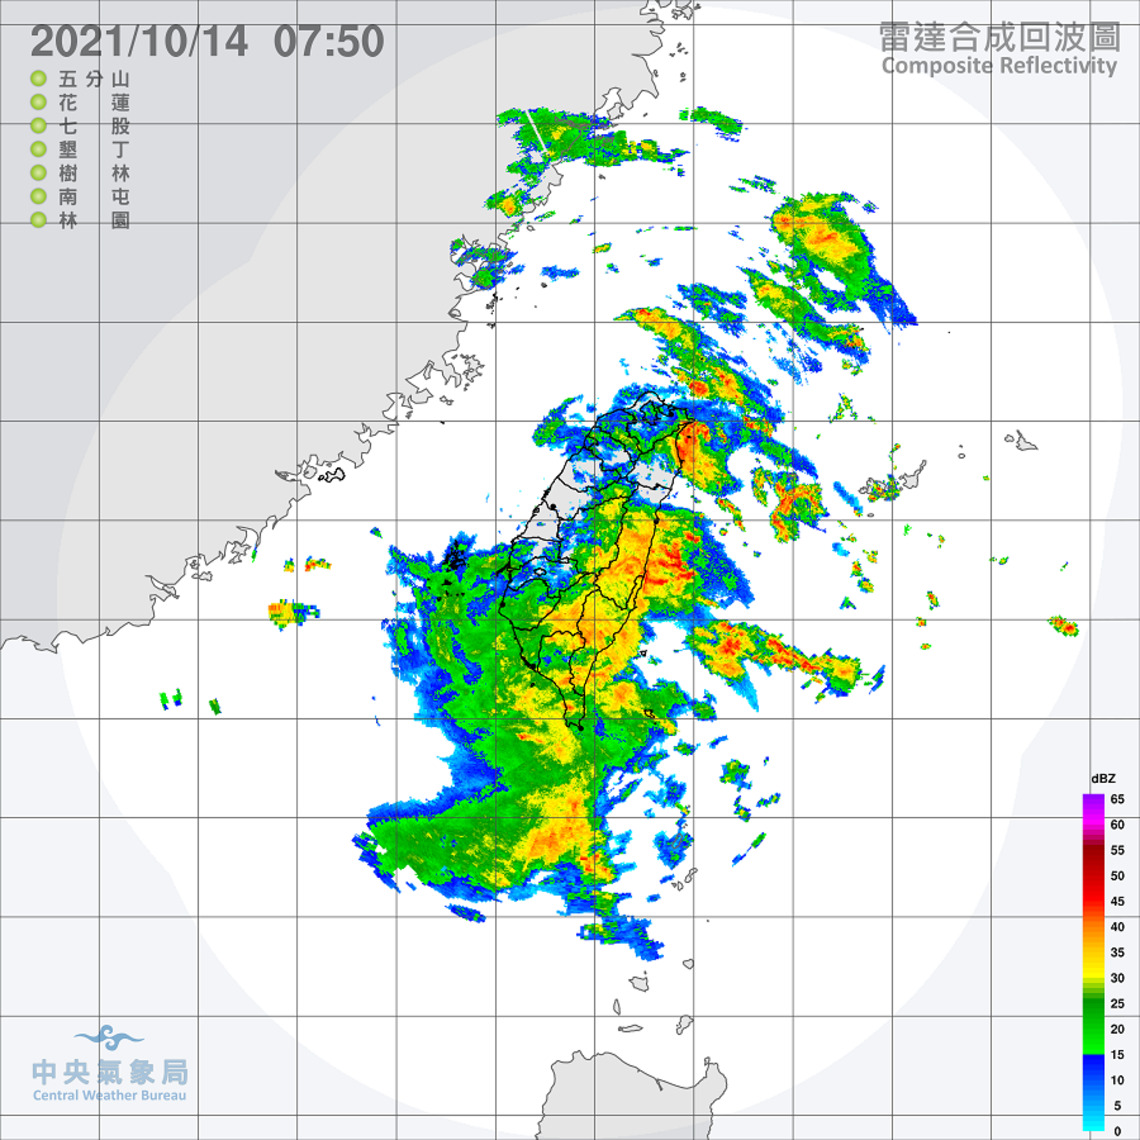 南方雲系北移   東半部留意長時間降雨